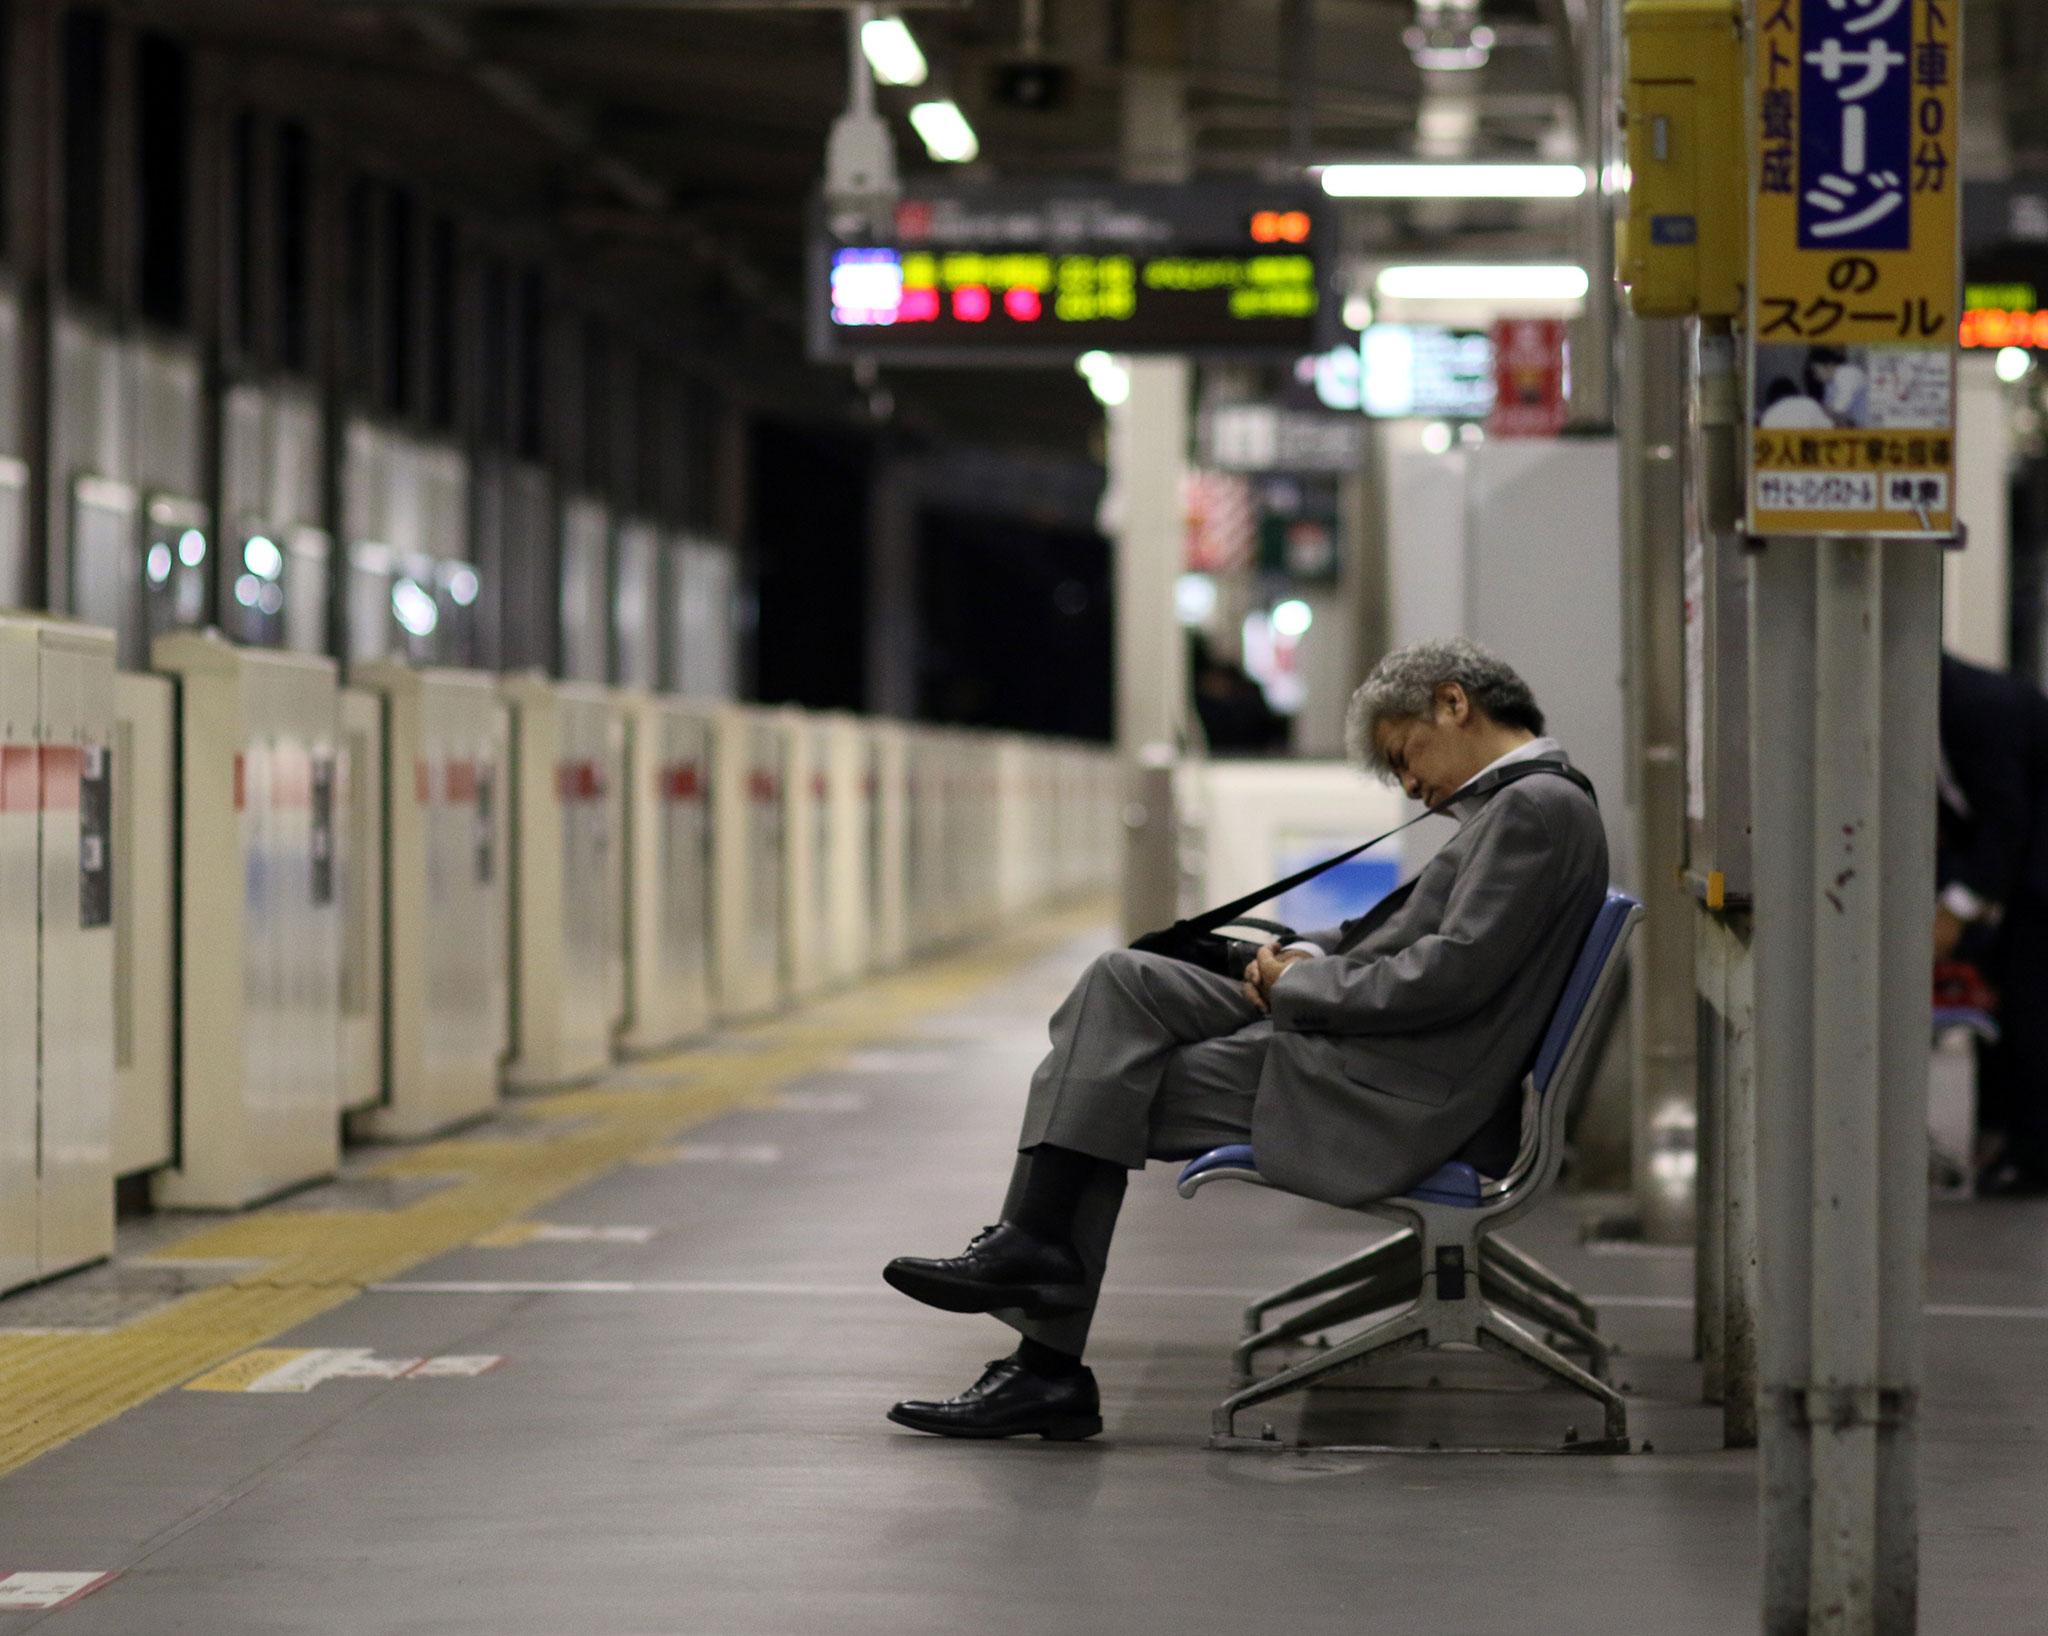 الالتزامات الاجتماعية في اليابان قد تؤدي إلى العزلة